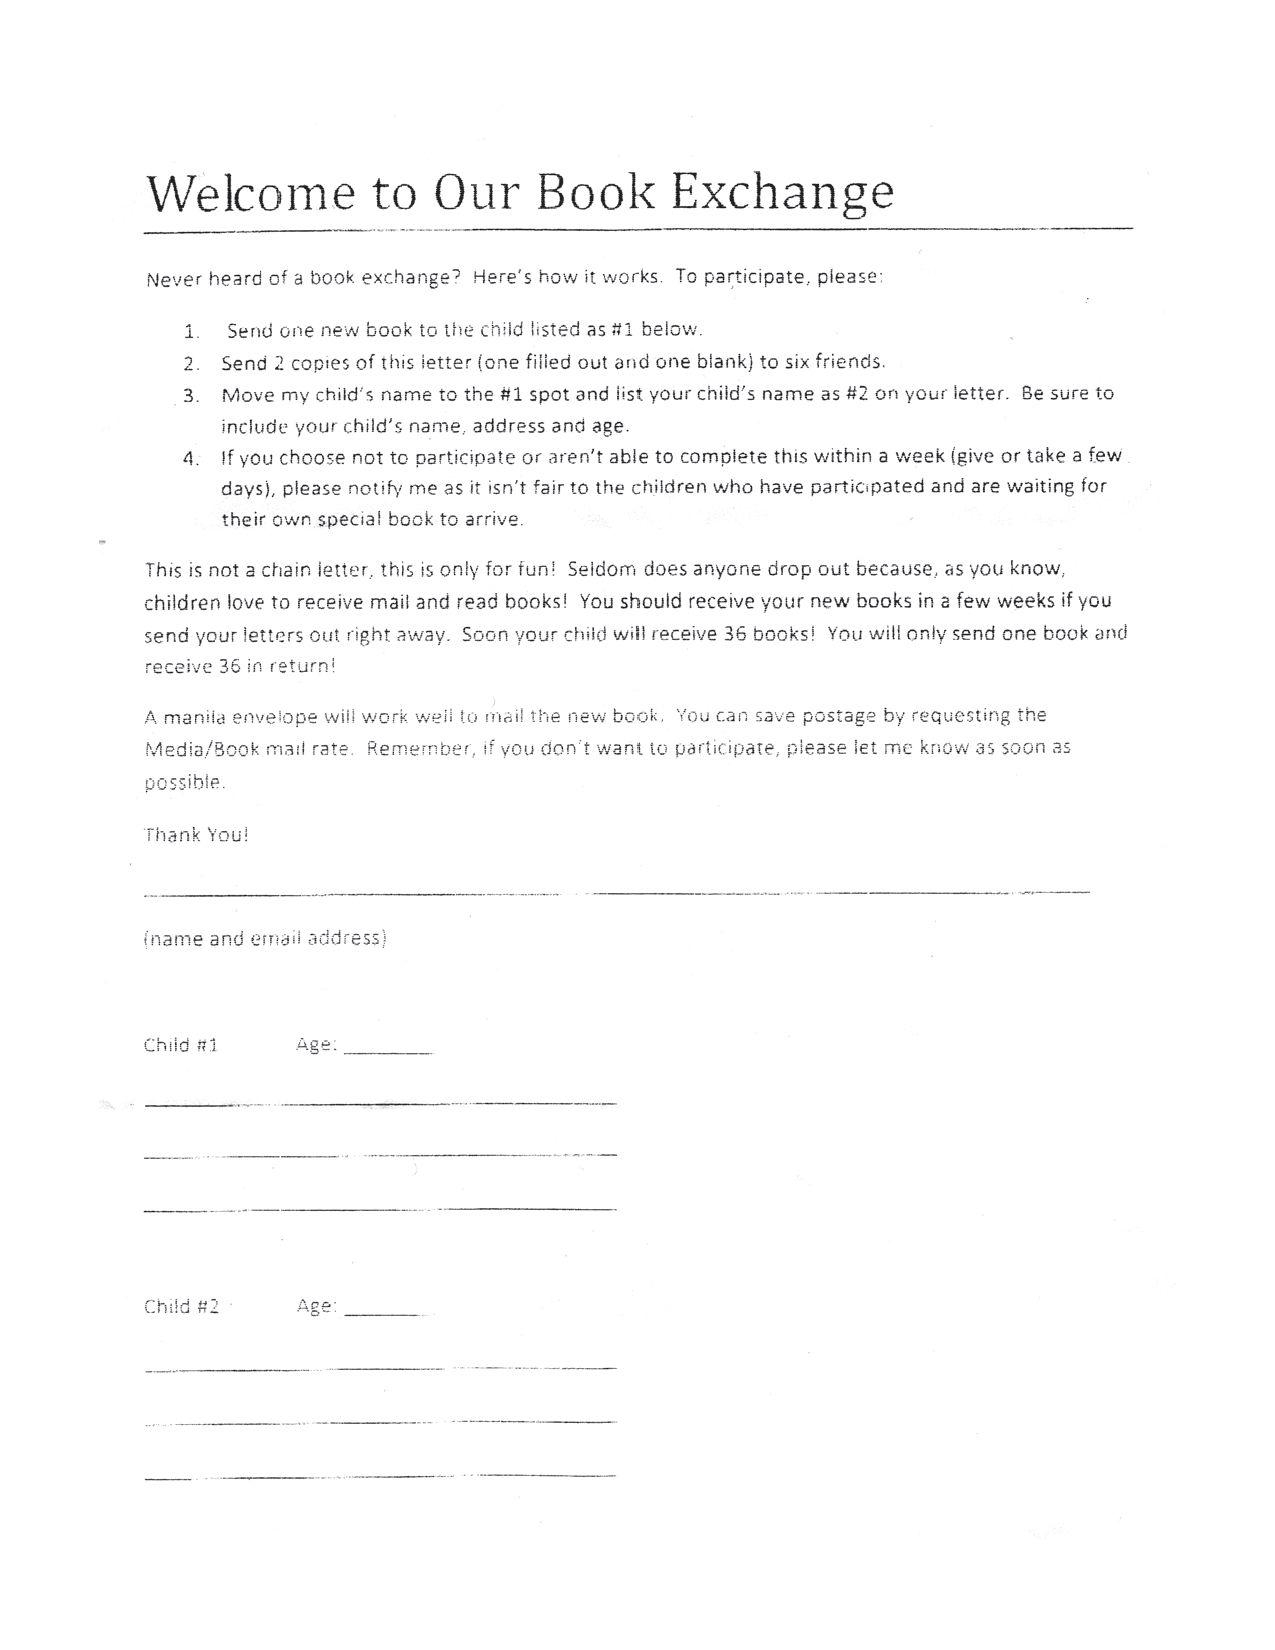 Book Exchange Letter By Bridget Greer Issuu